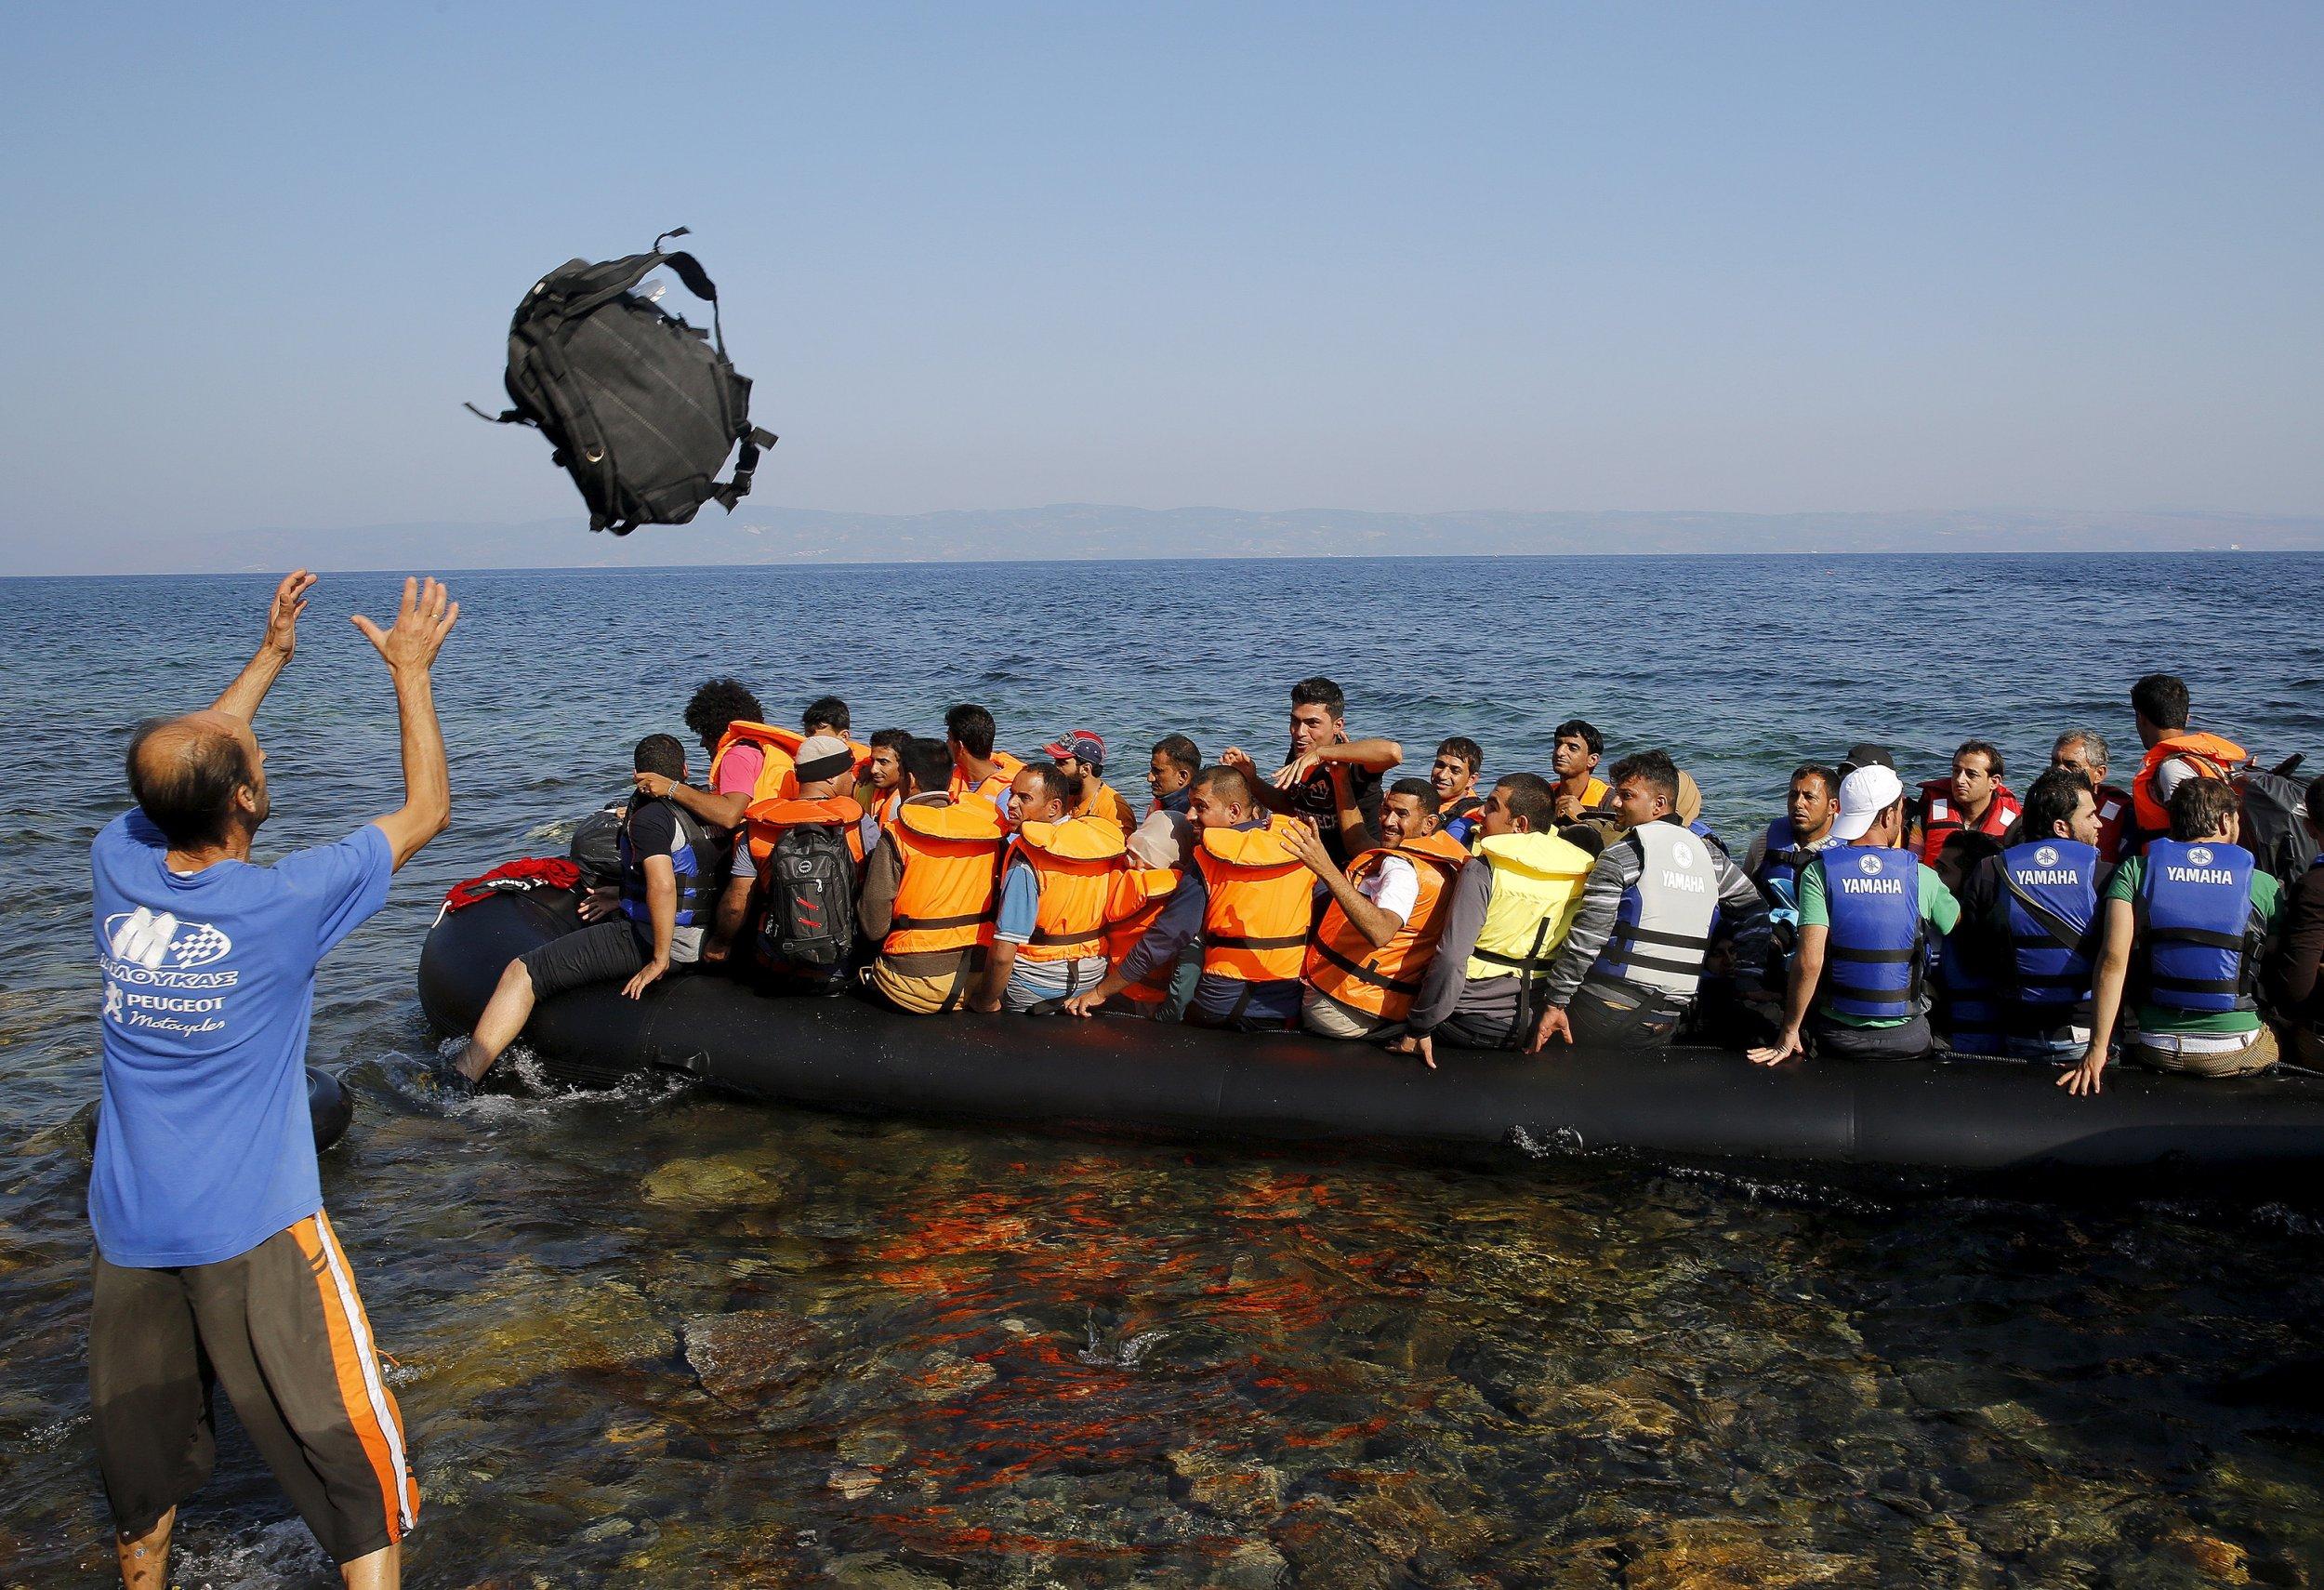 09_20_2015_refugees_greece